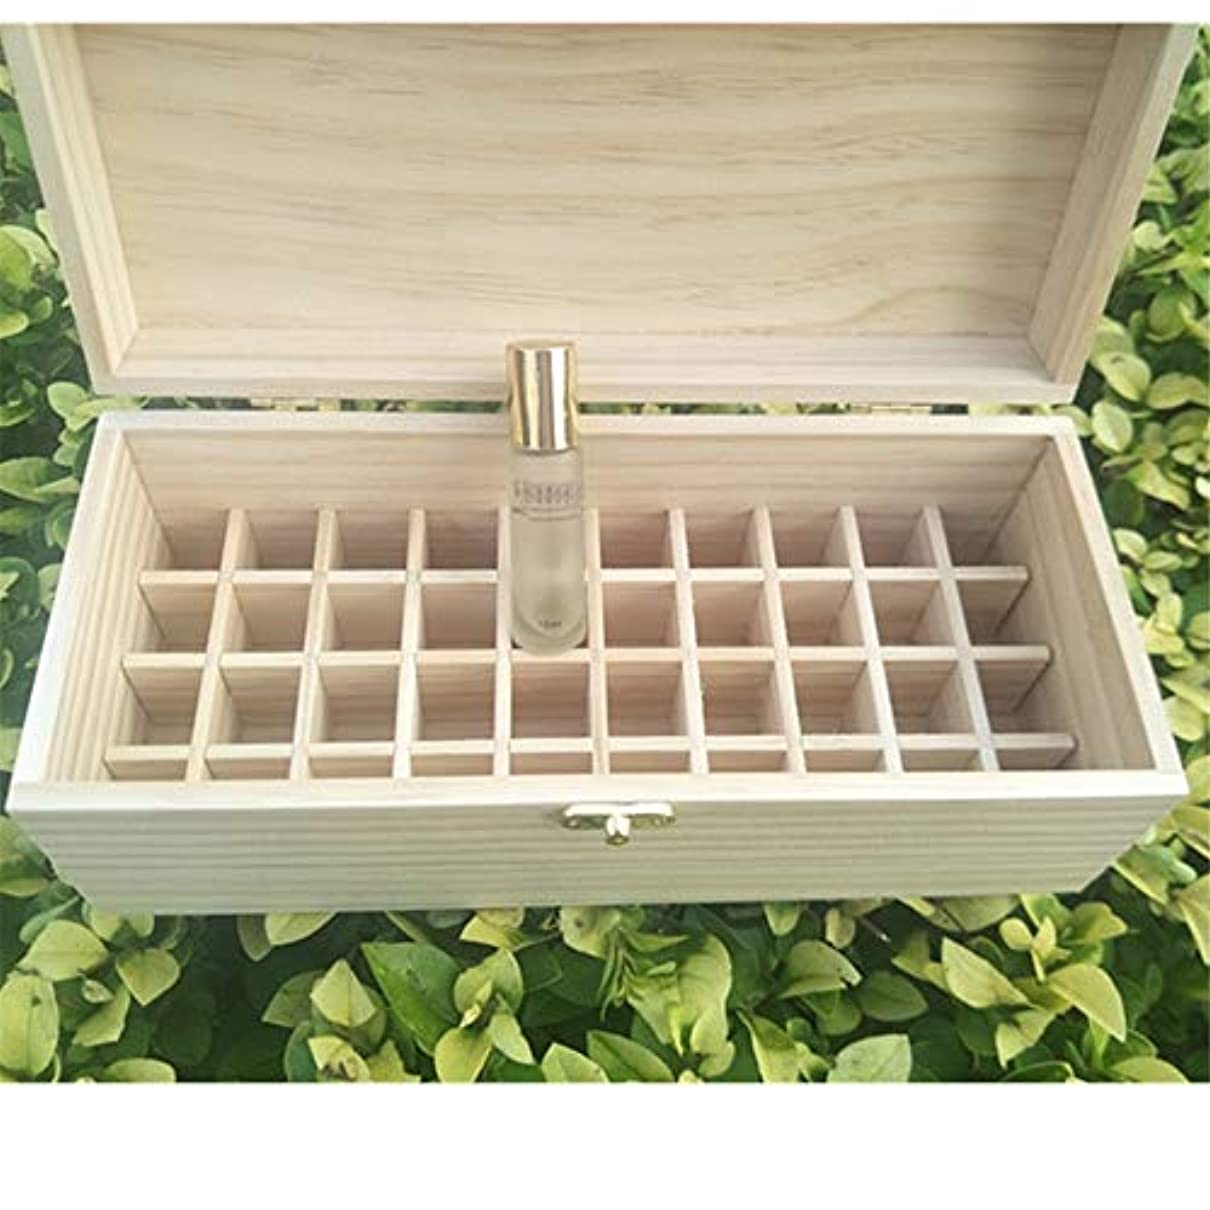 あそこ血まみれのフラフープ40スロット木製エッセンシャルオイルの収納ボックスは40の10mlの油のボトルを保持します アロマセラピー製品 (色 : Natural, サイズ : 27X11.5X10.3CM)